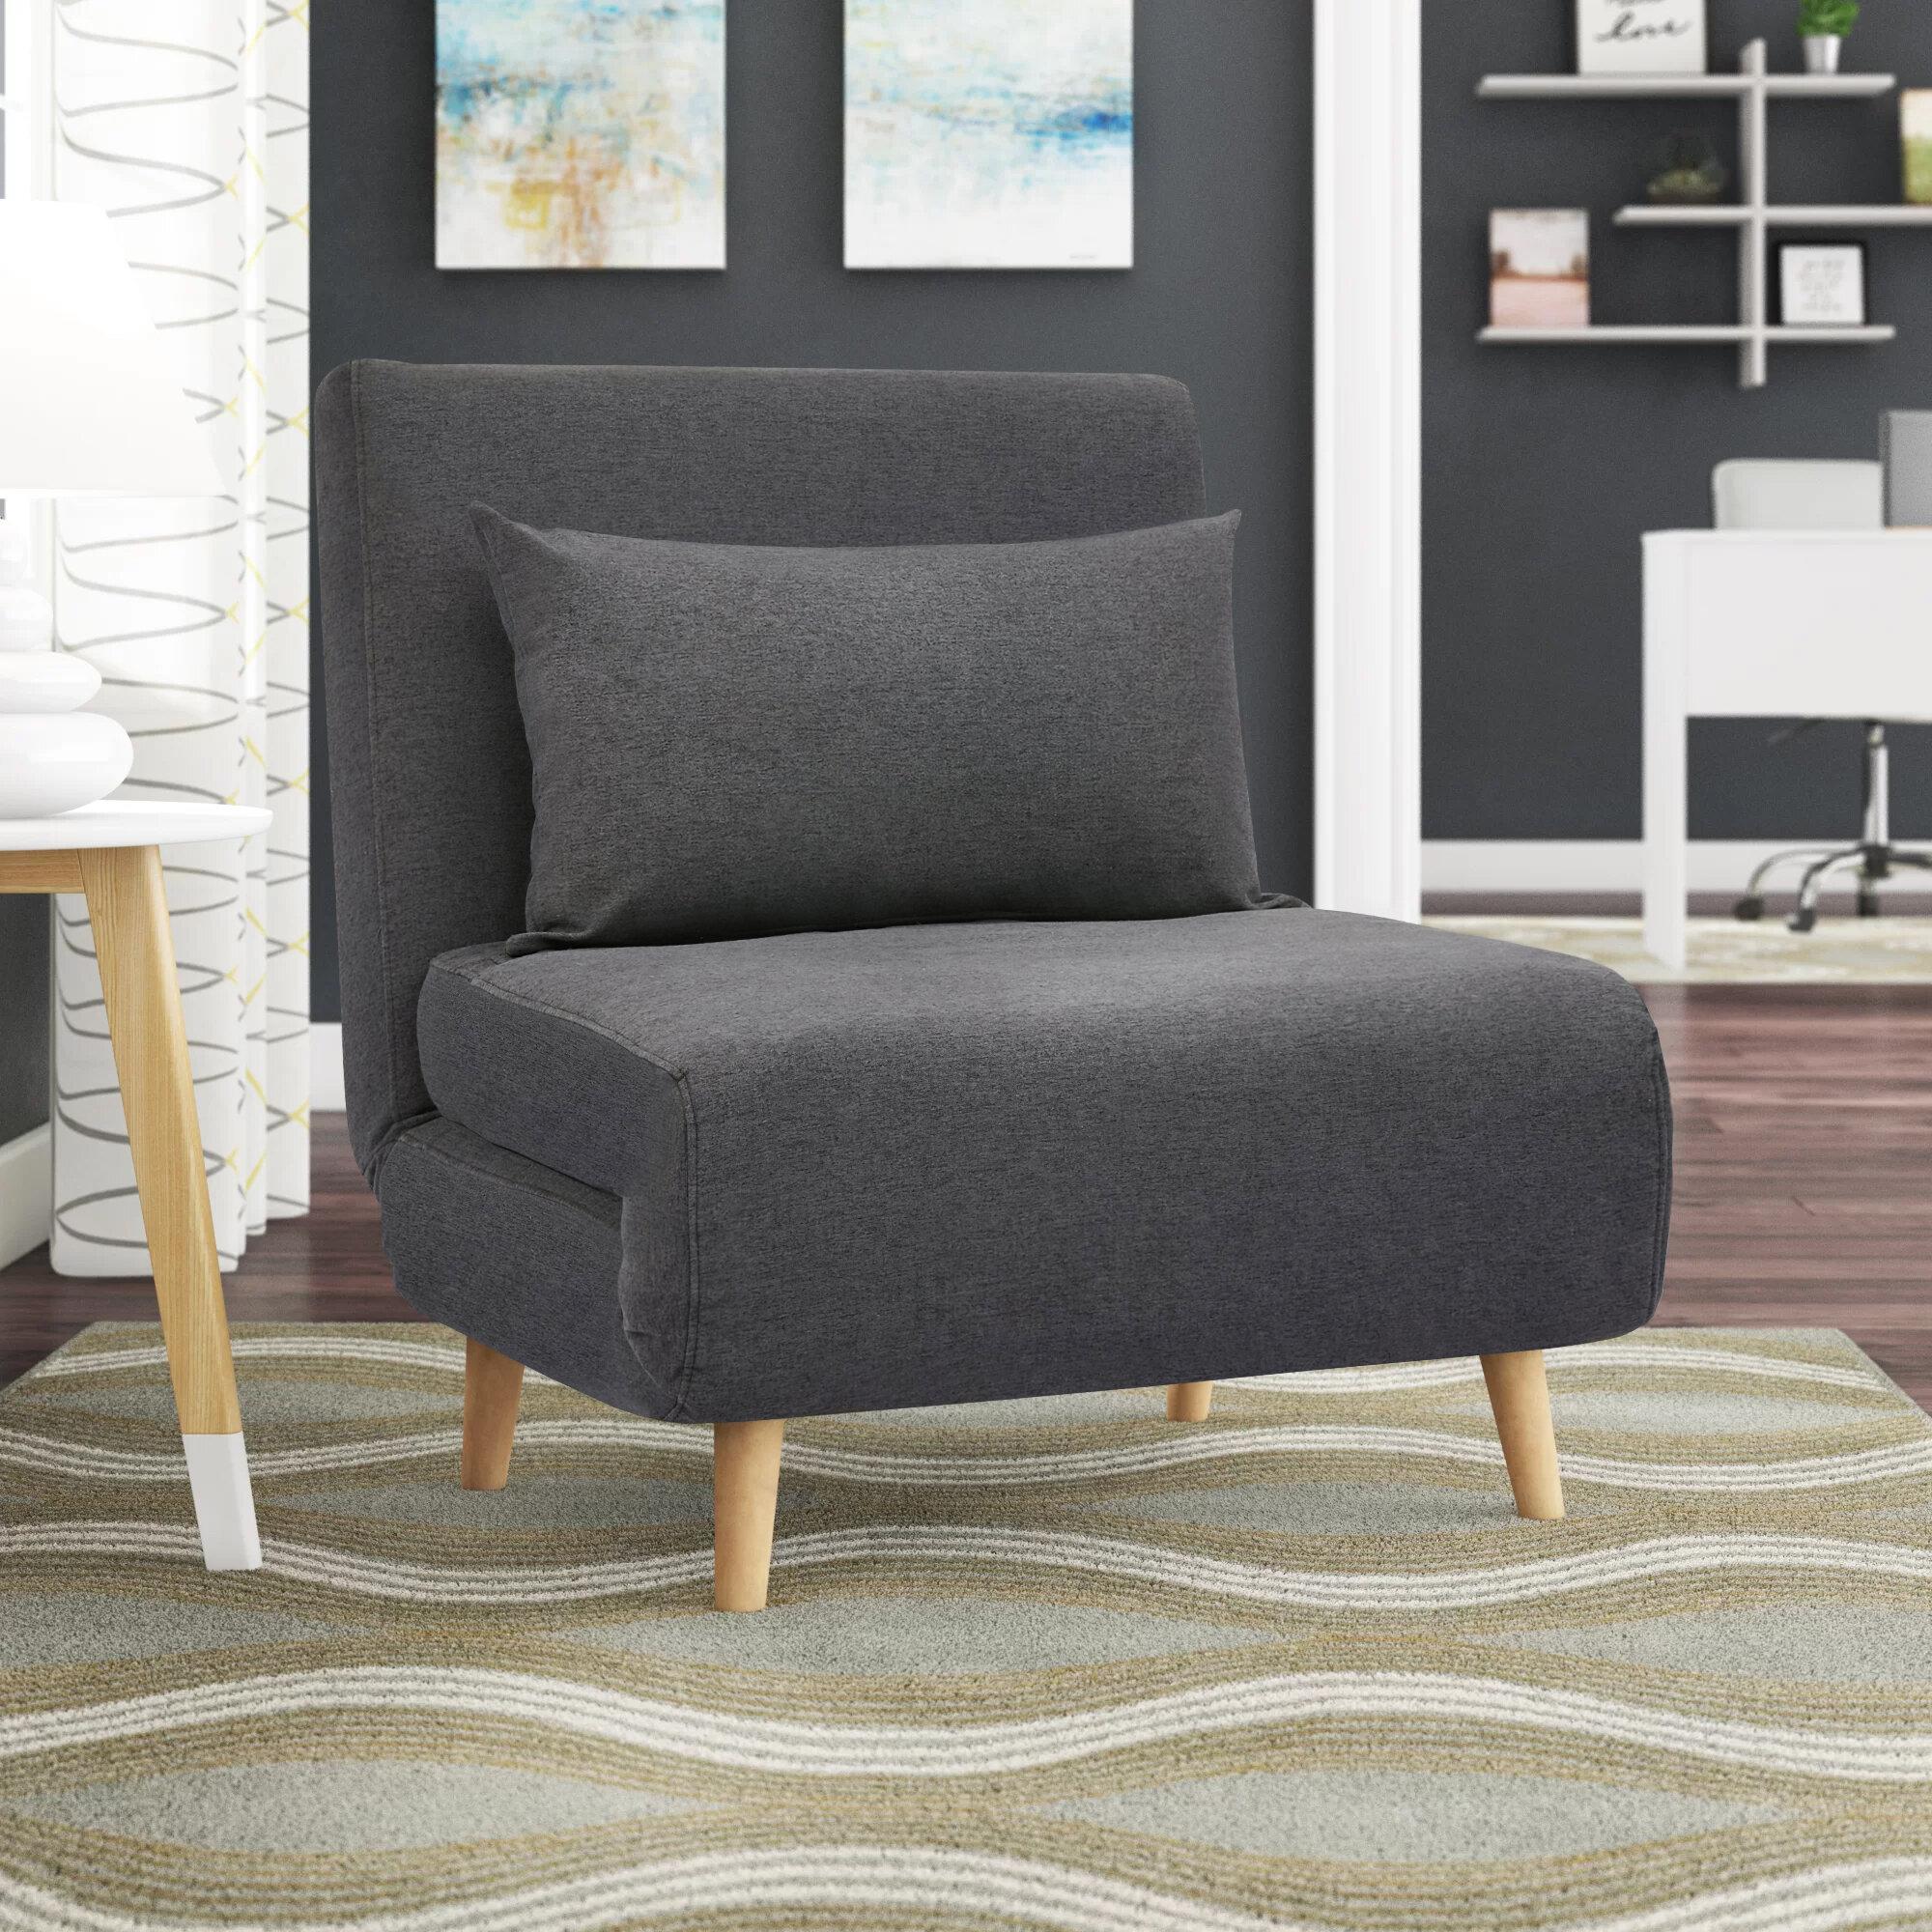 Corrigan Studio® Bolen Convertible Chair & Reviews | Wayfair With Regard To Bolen Convertible Chairs (View 2 of 15)